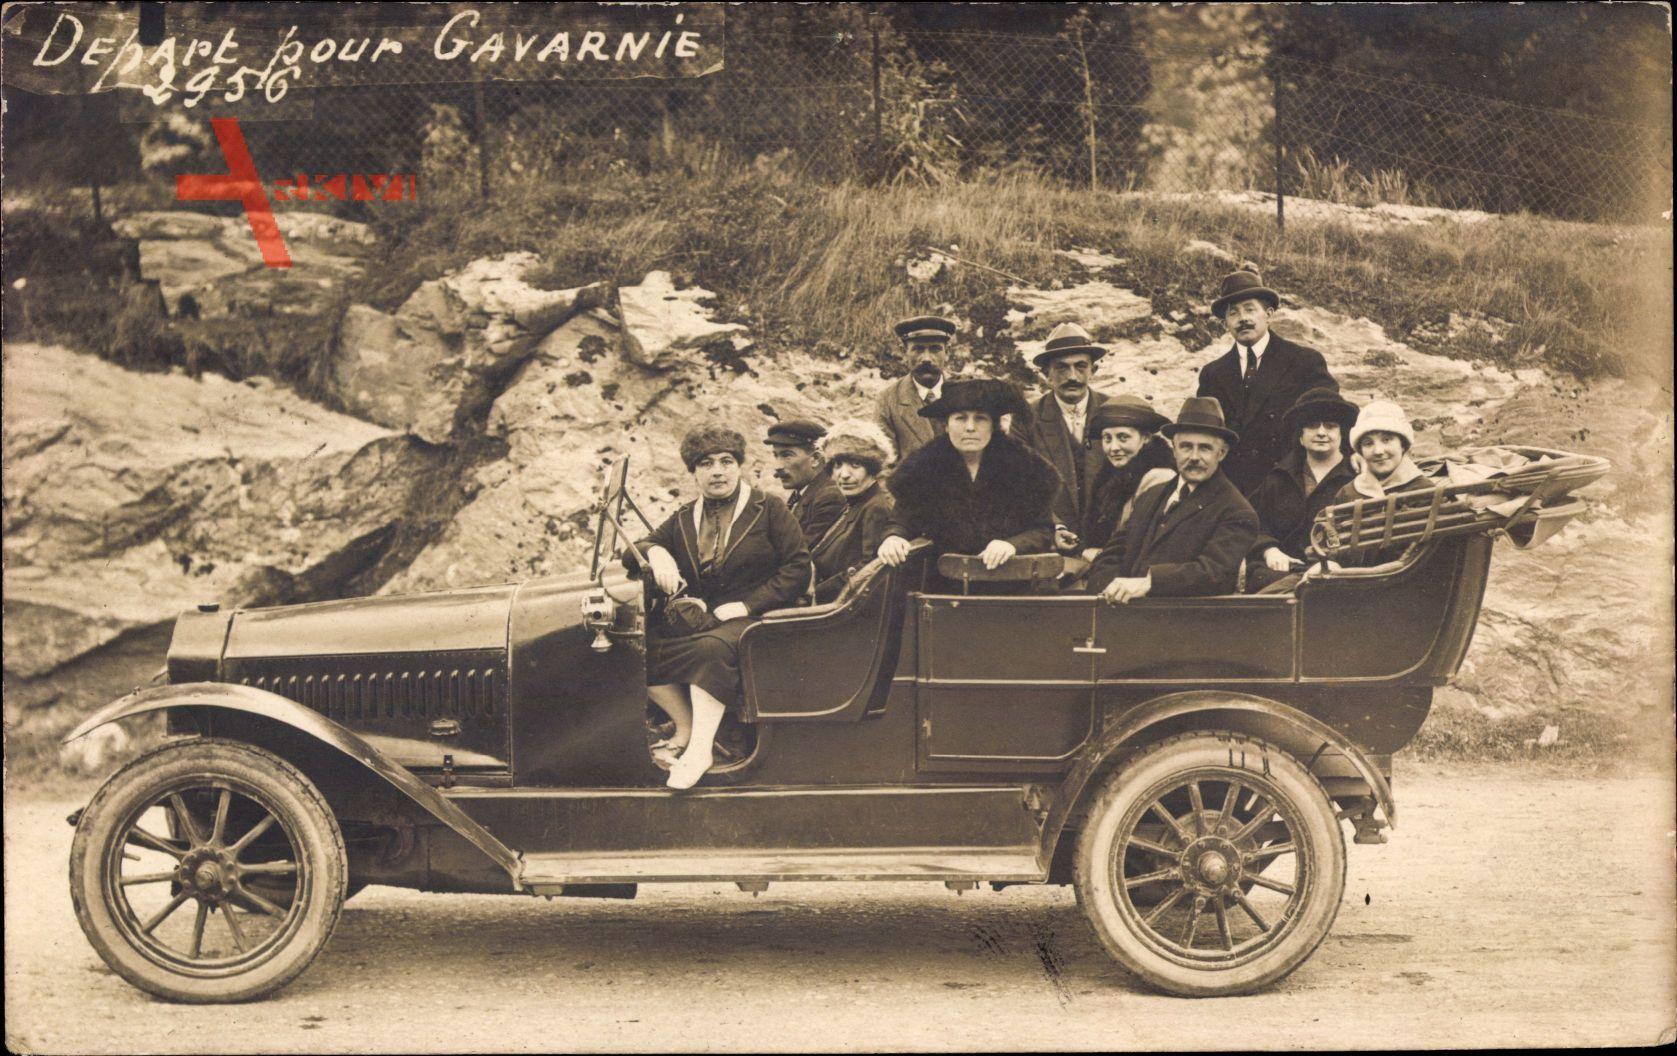 Départ pour Gavarnie, Automobil, Offenes Verdeck, Gruppenfoto